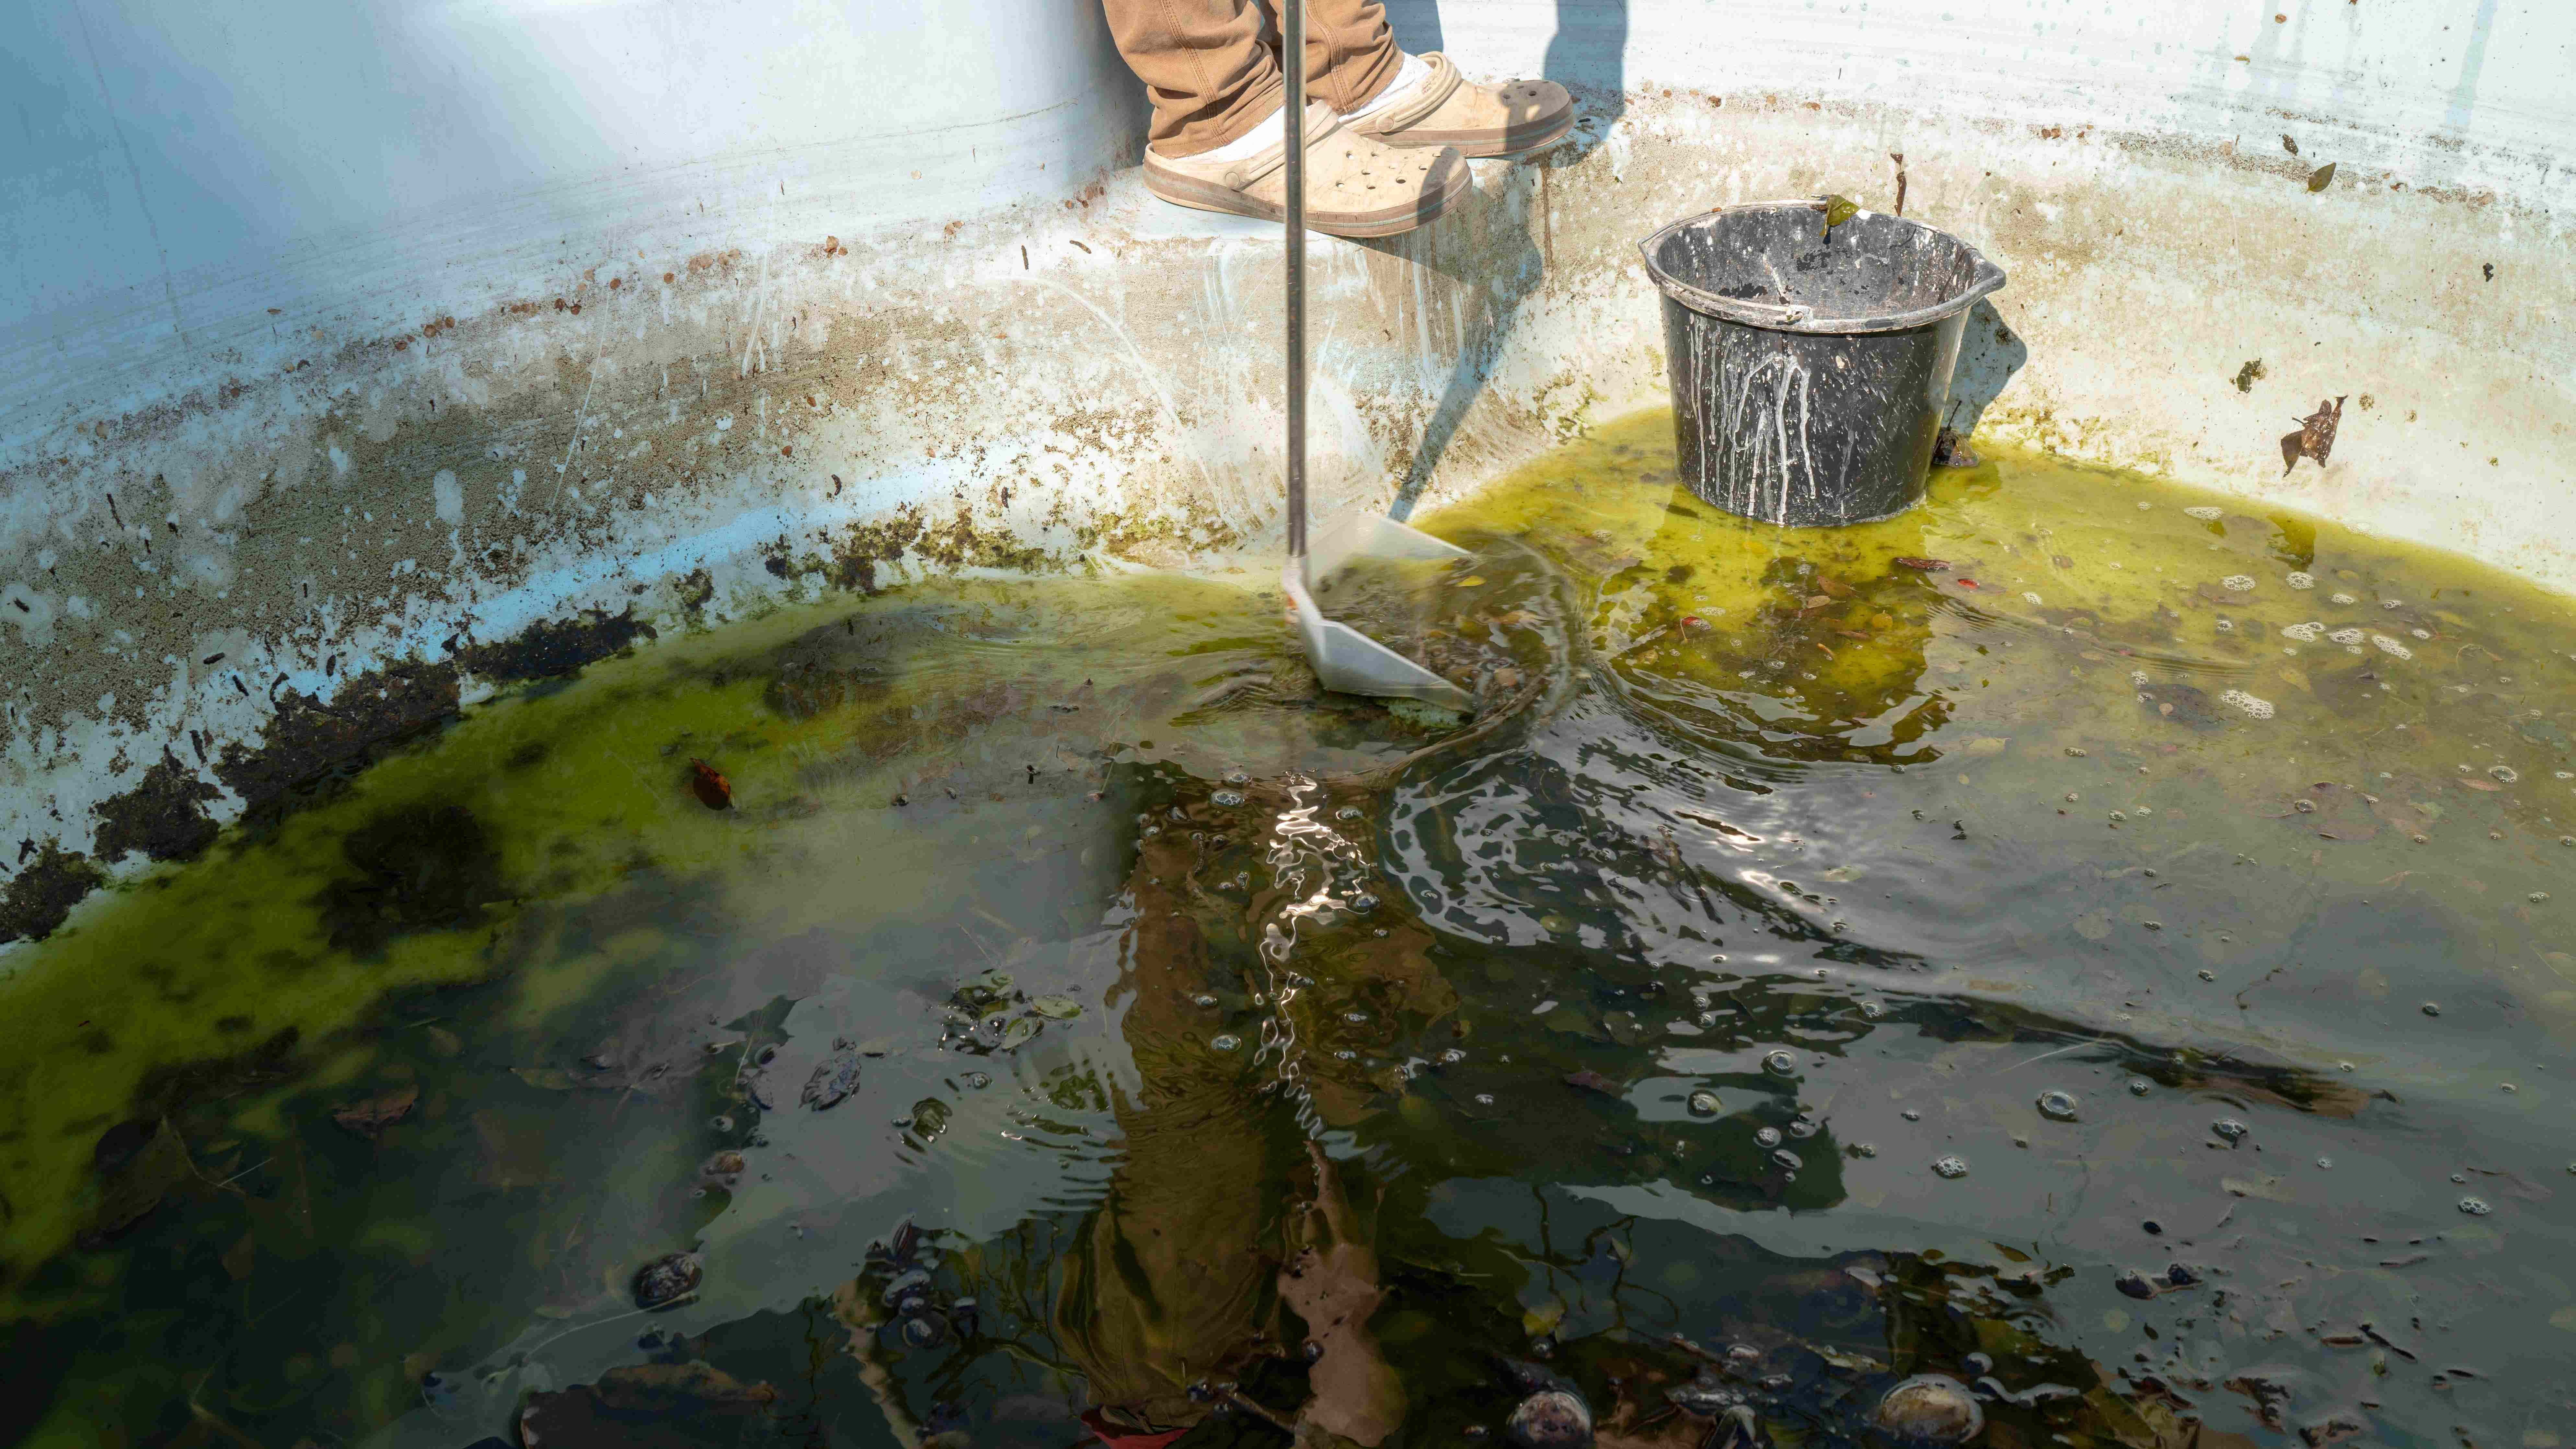 Cómo eliminar el agua verde de la piscina